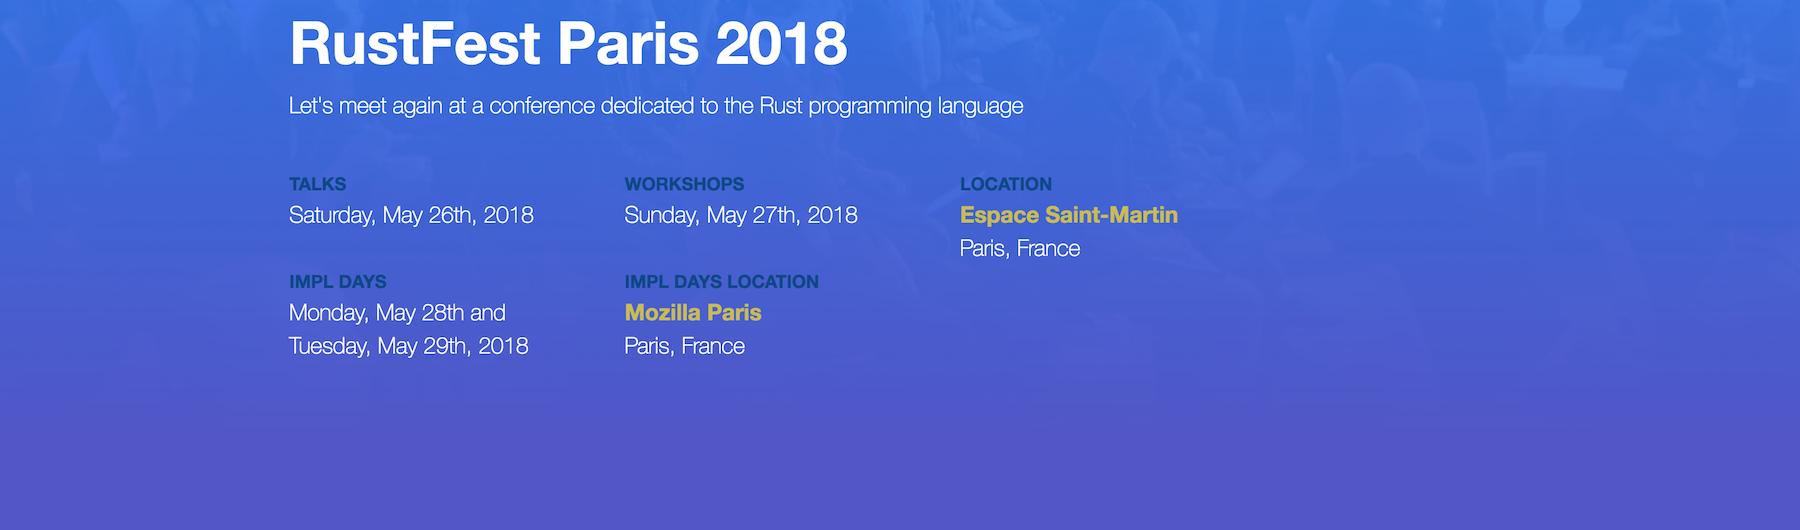 RustFest Paris 2018